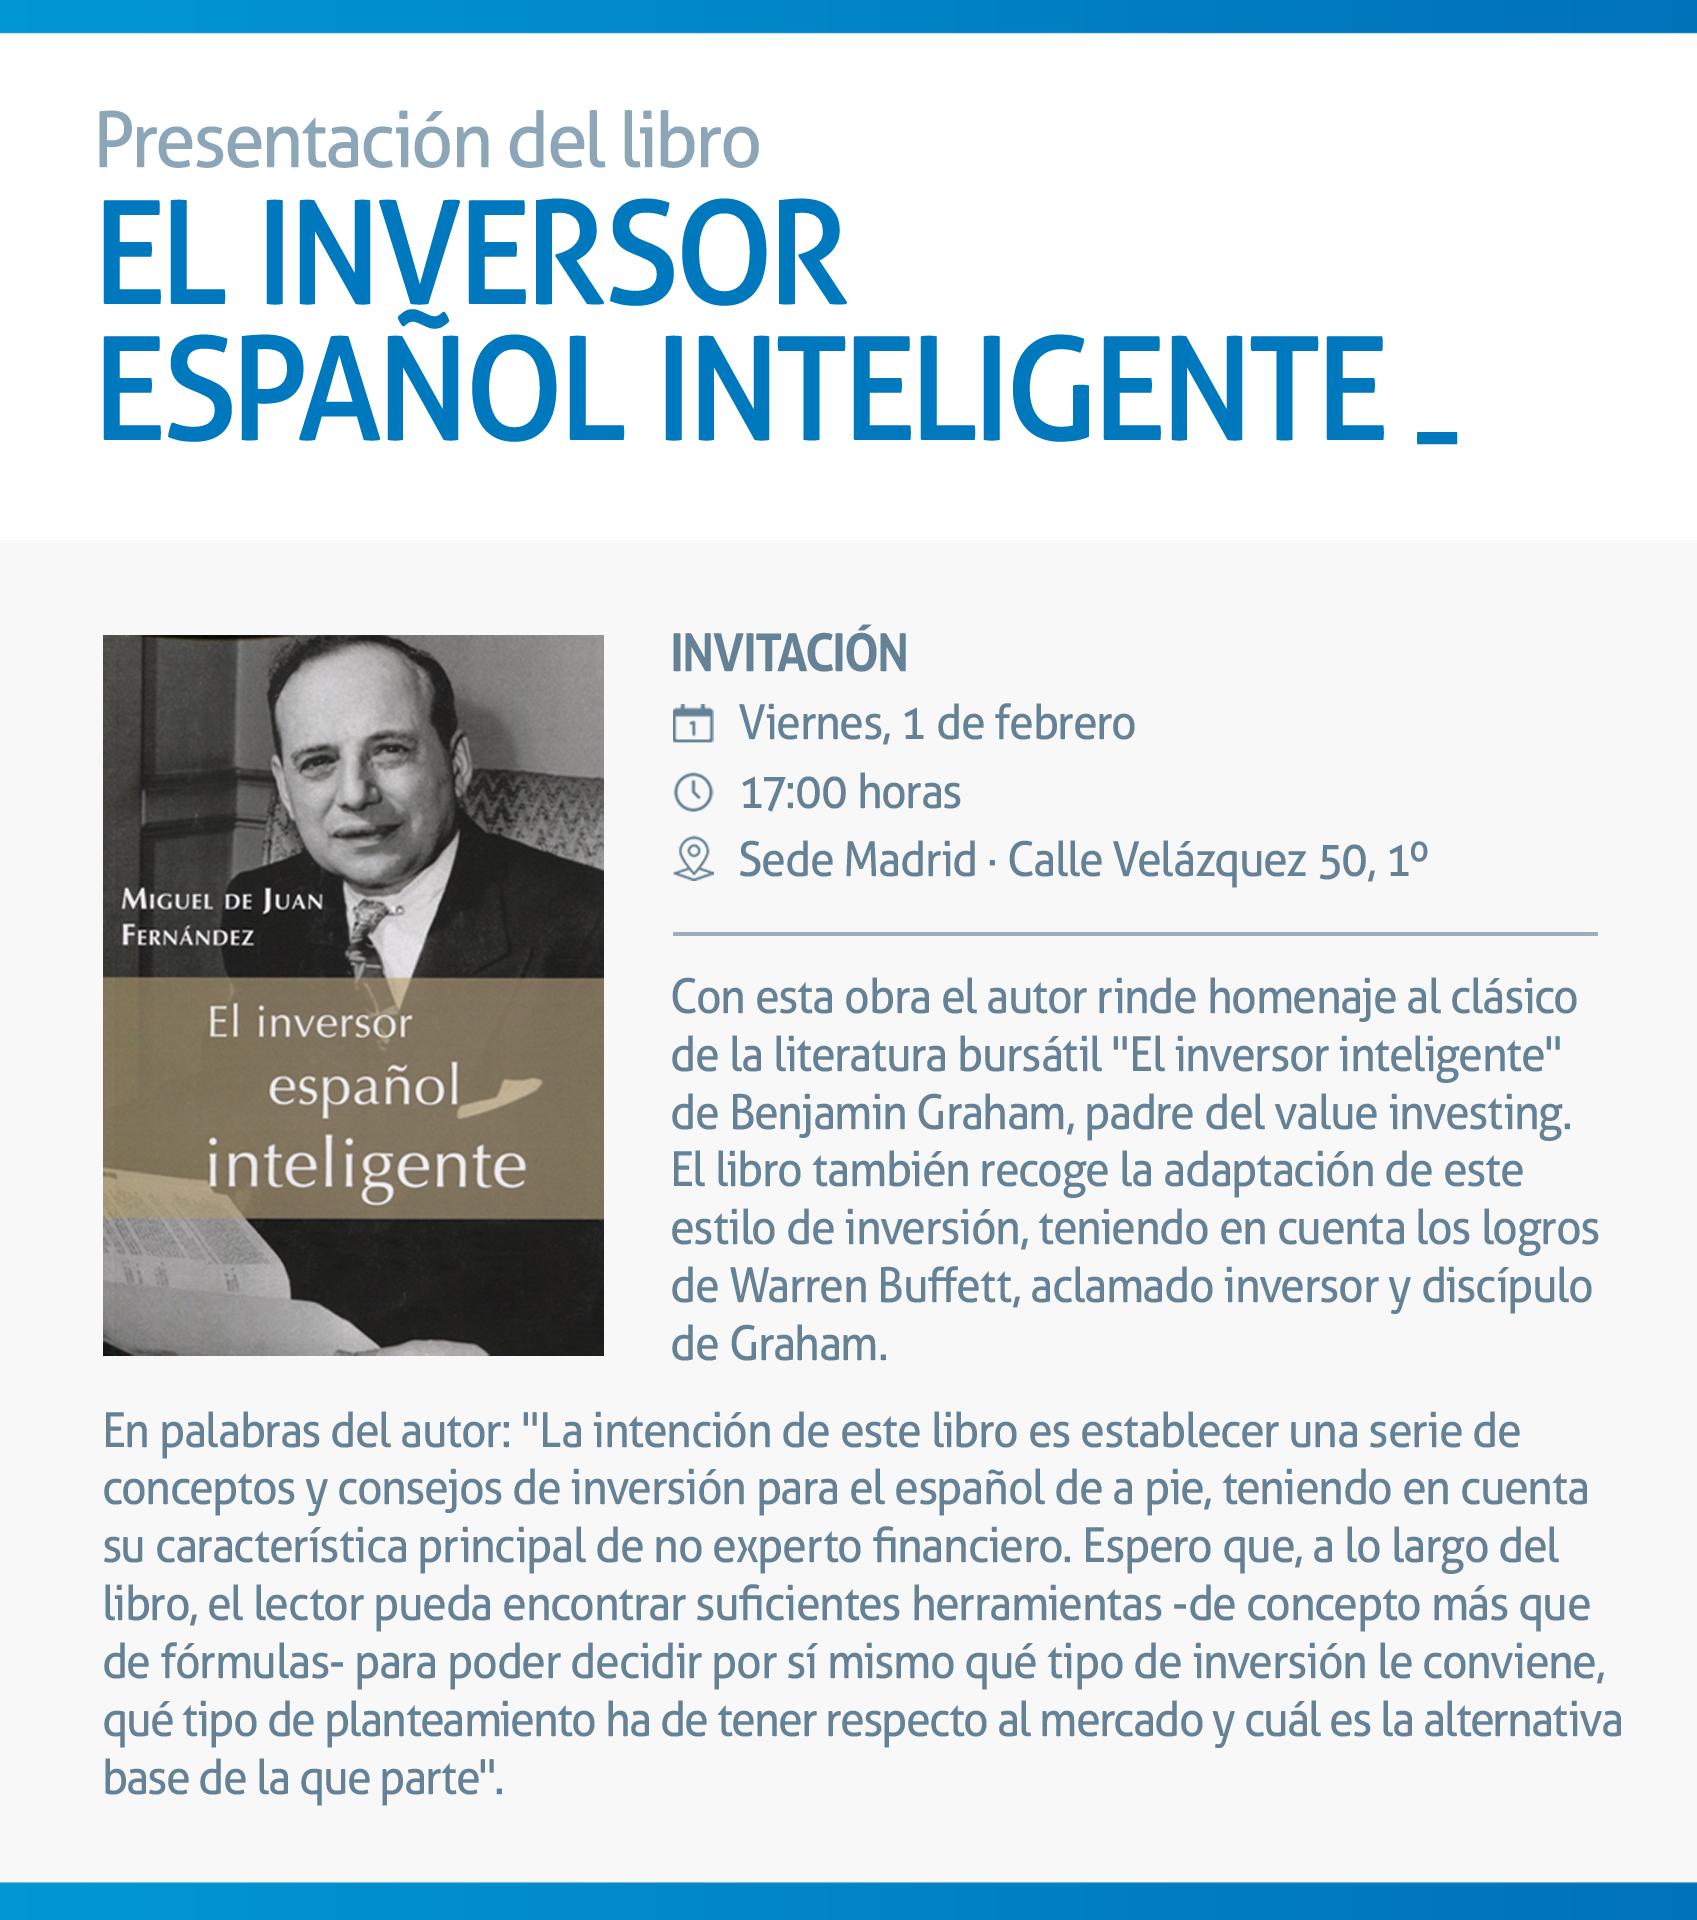 El inversor es inteligente 1920